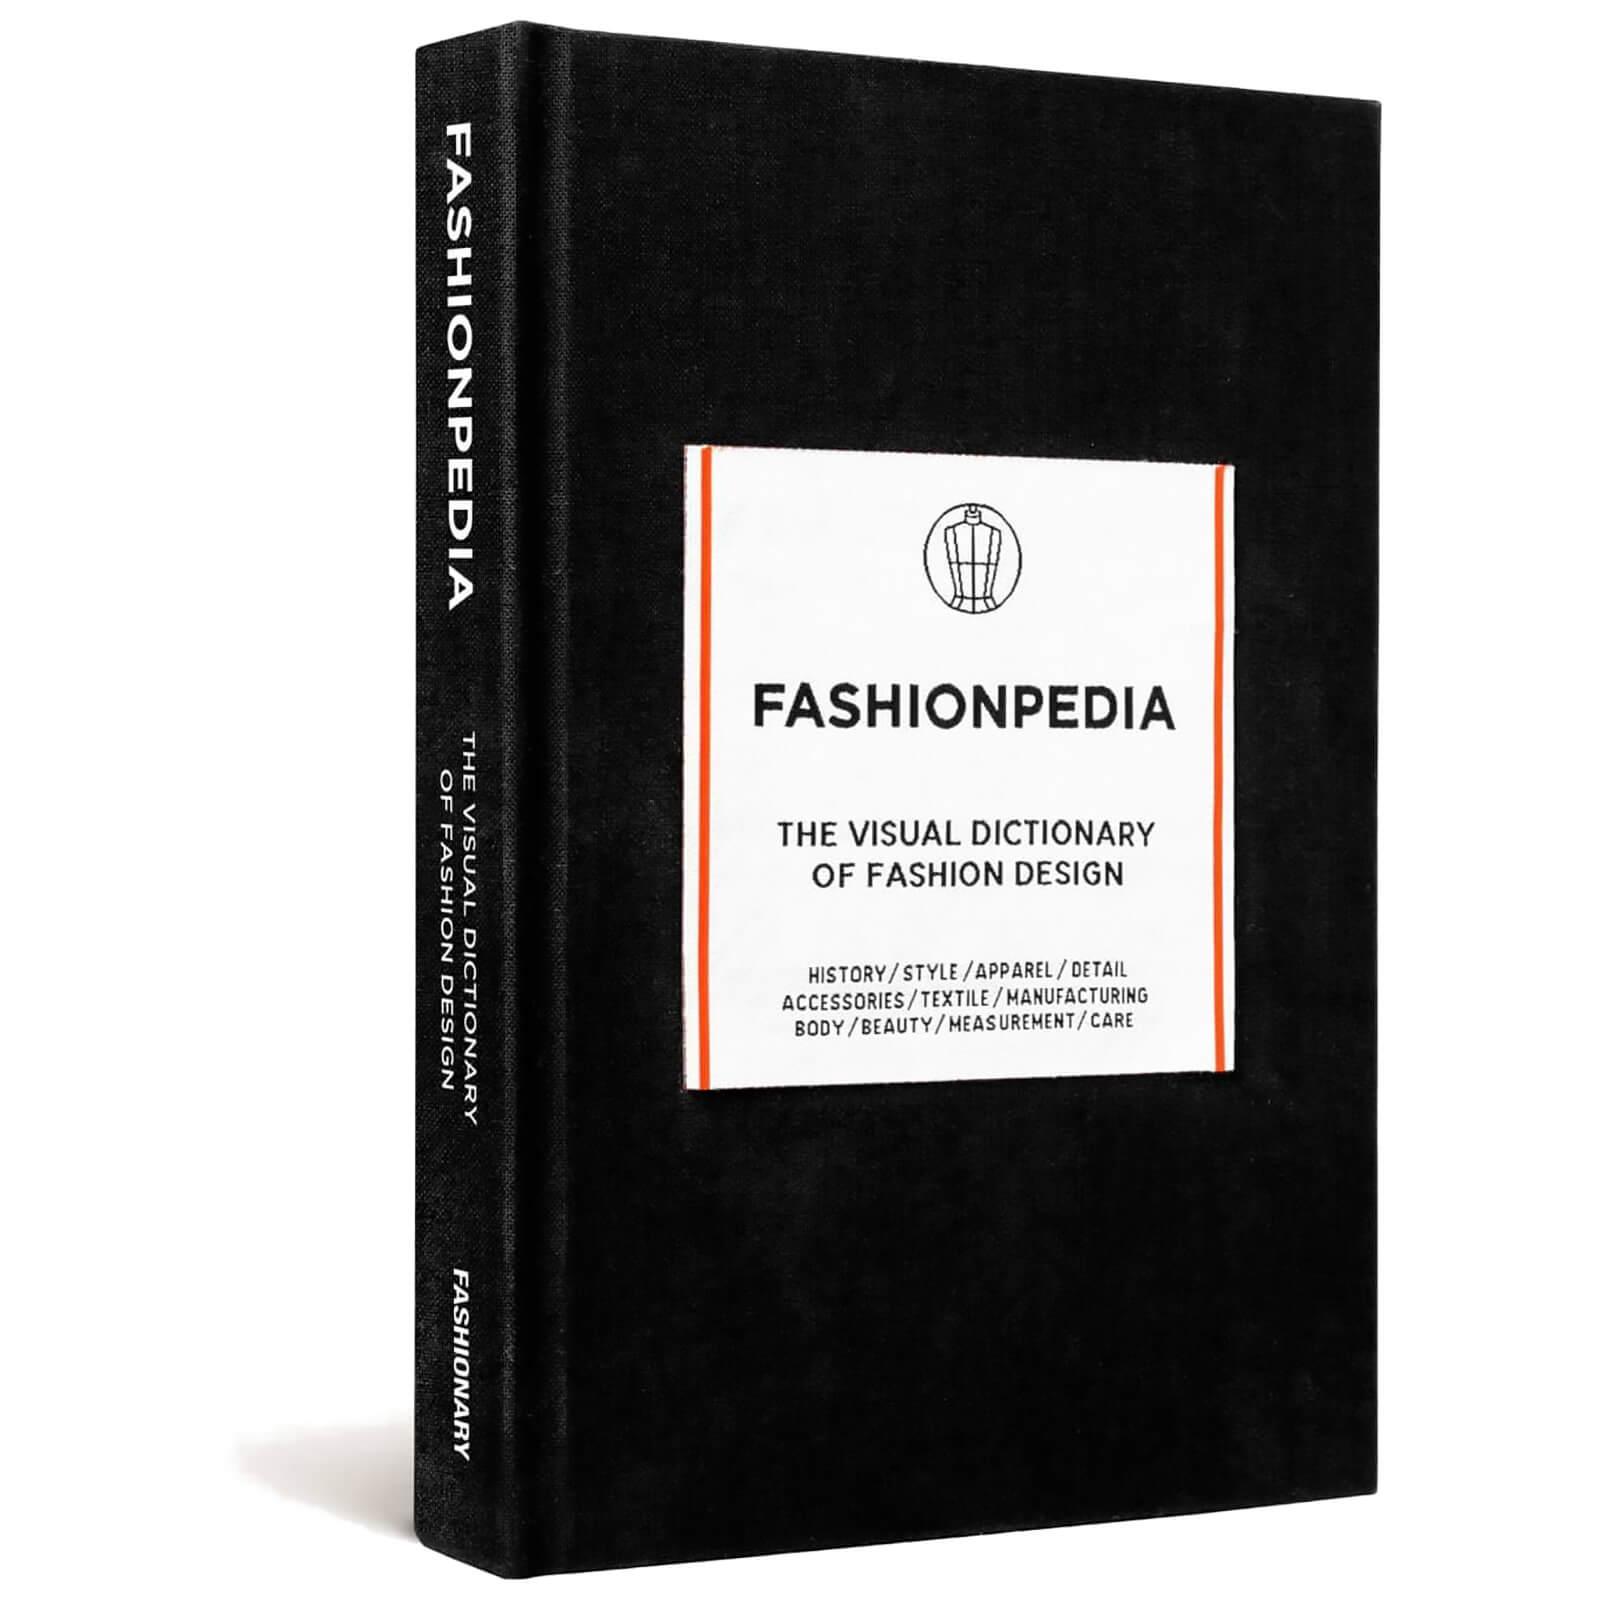 Fashionary: Fashionpedia - The Visual Dictionary of Fashion Design